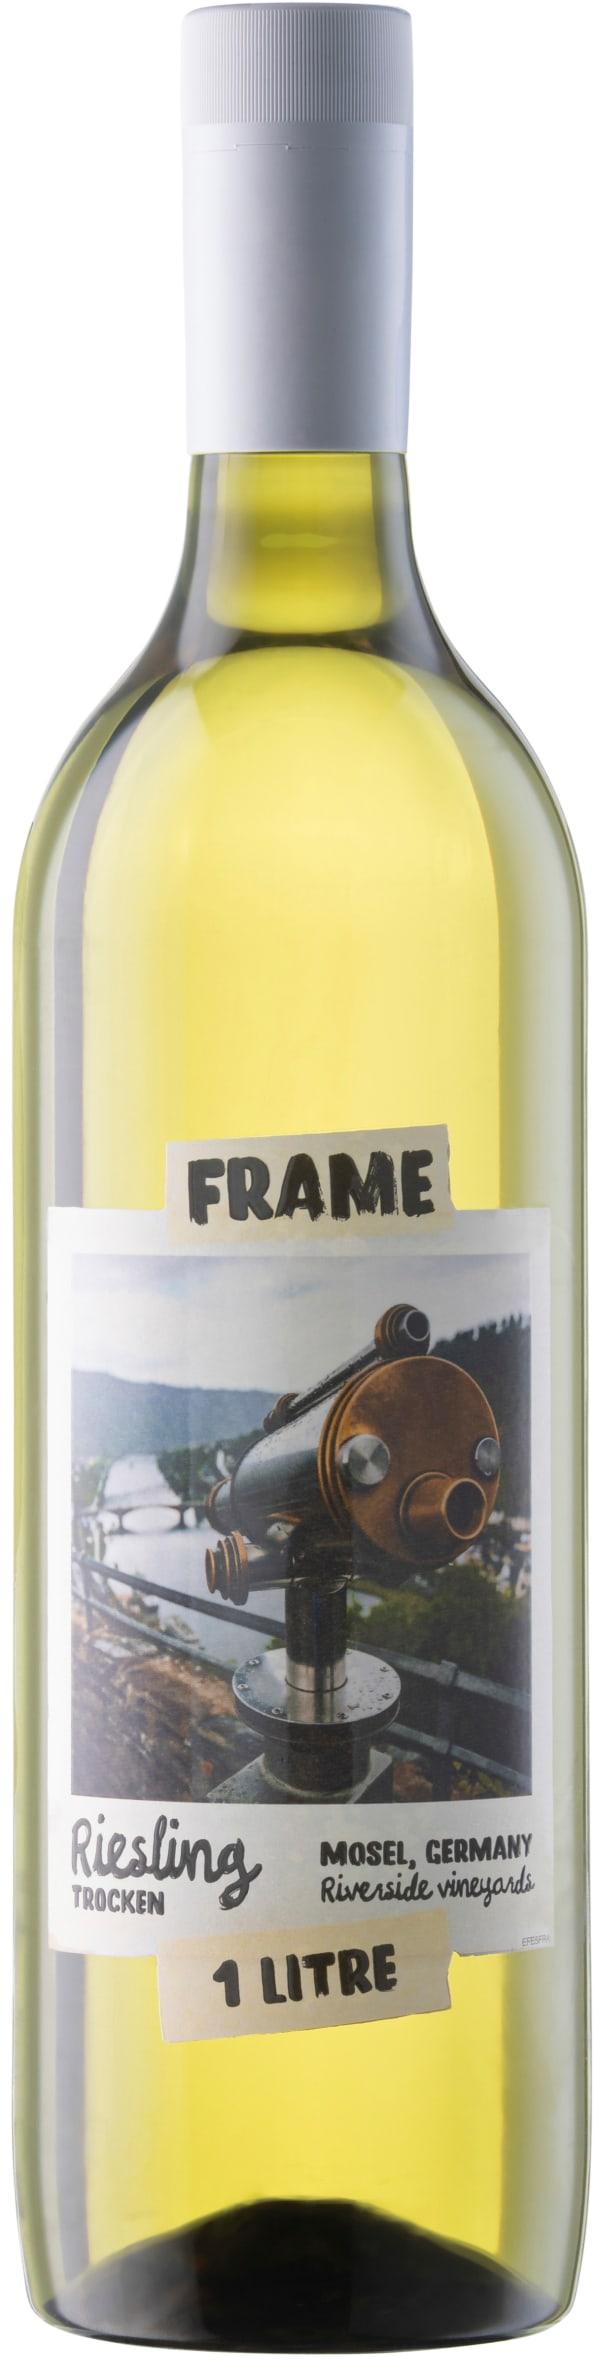 Frame Riesling Trocken 2018 plastic bottle